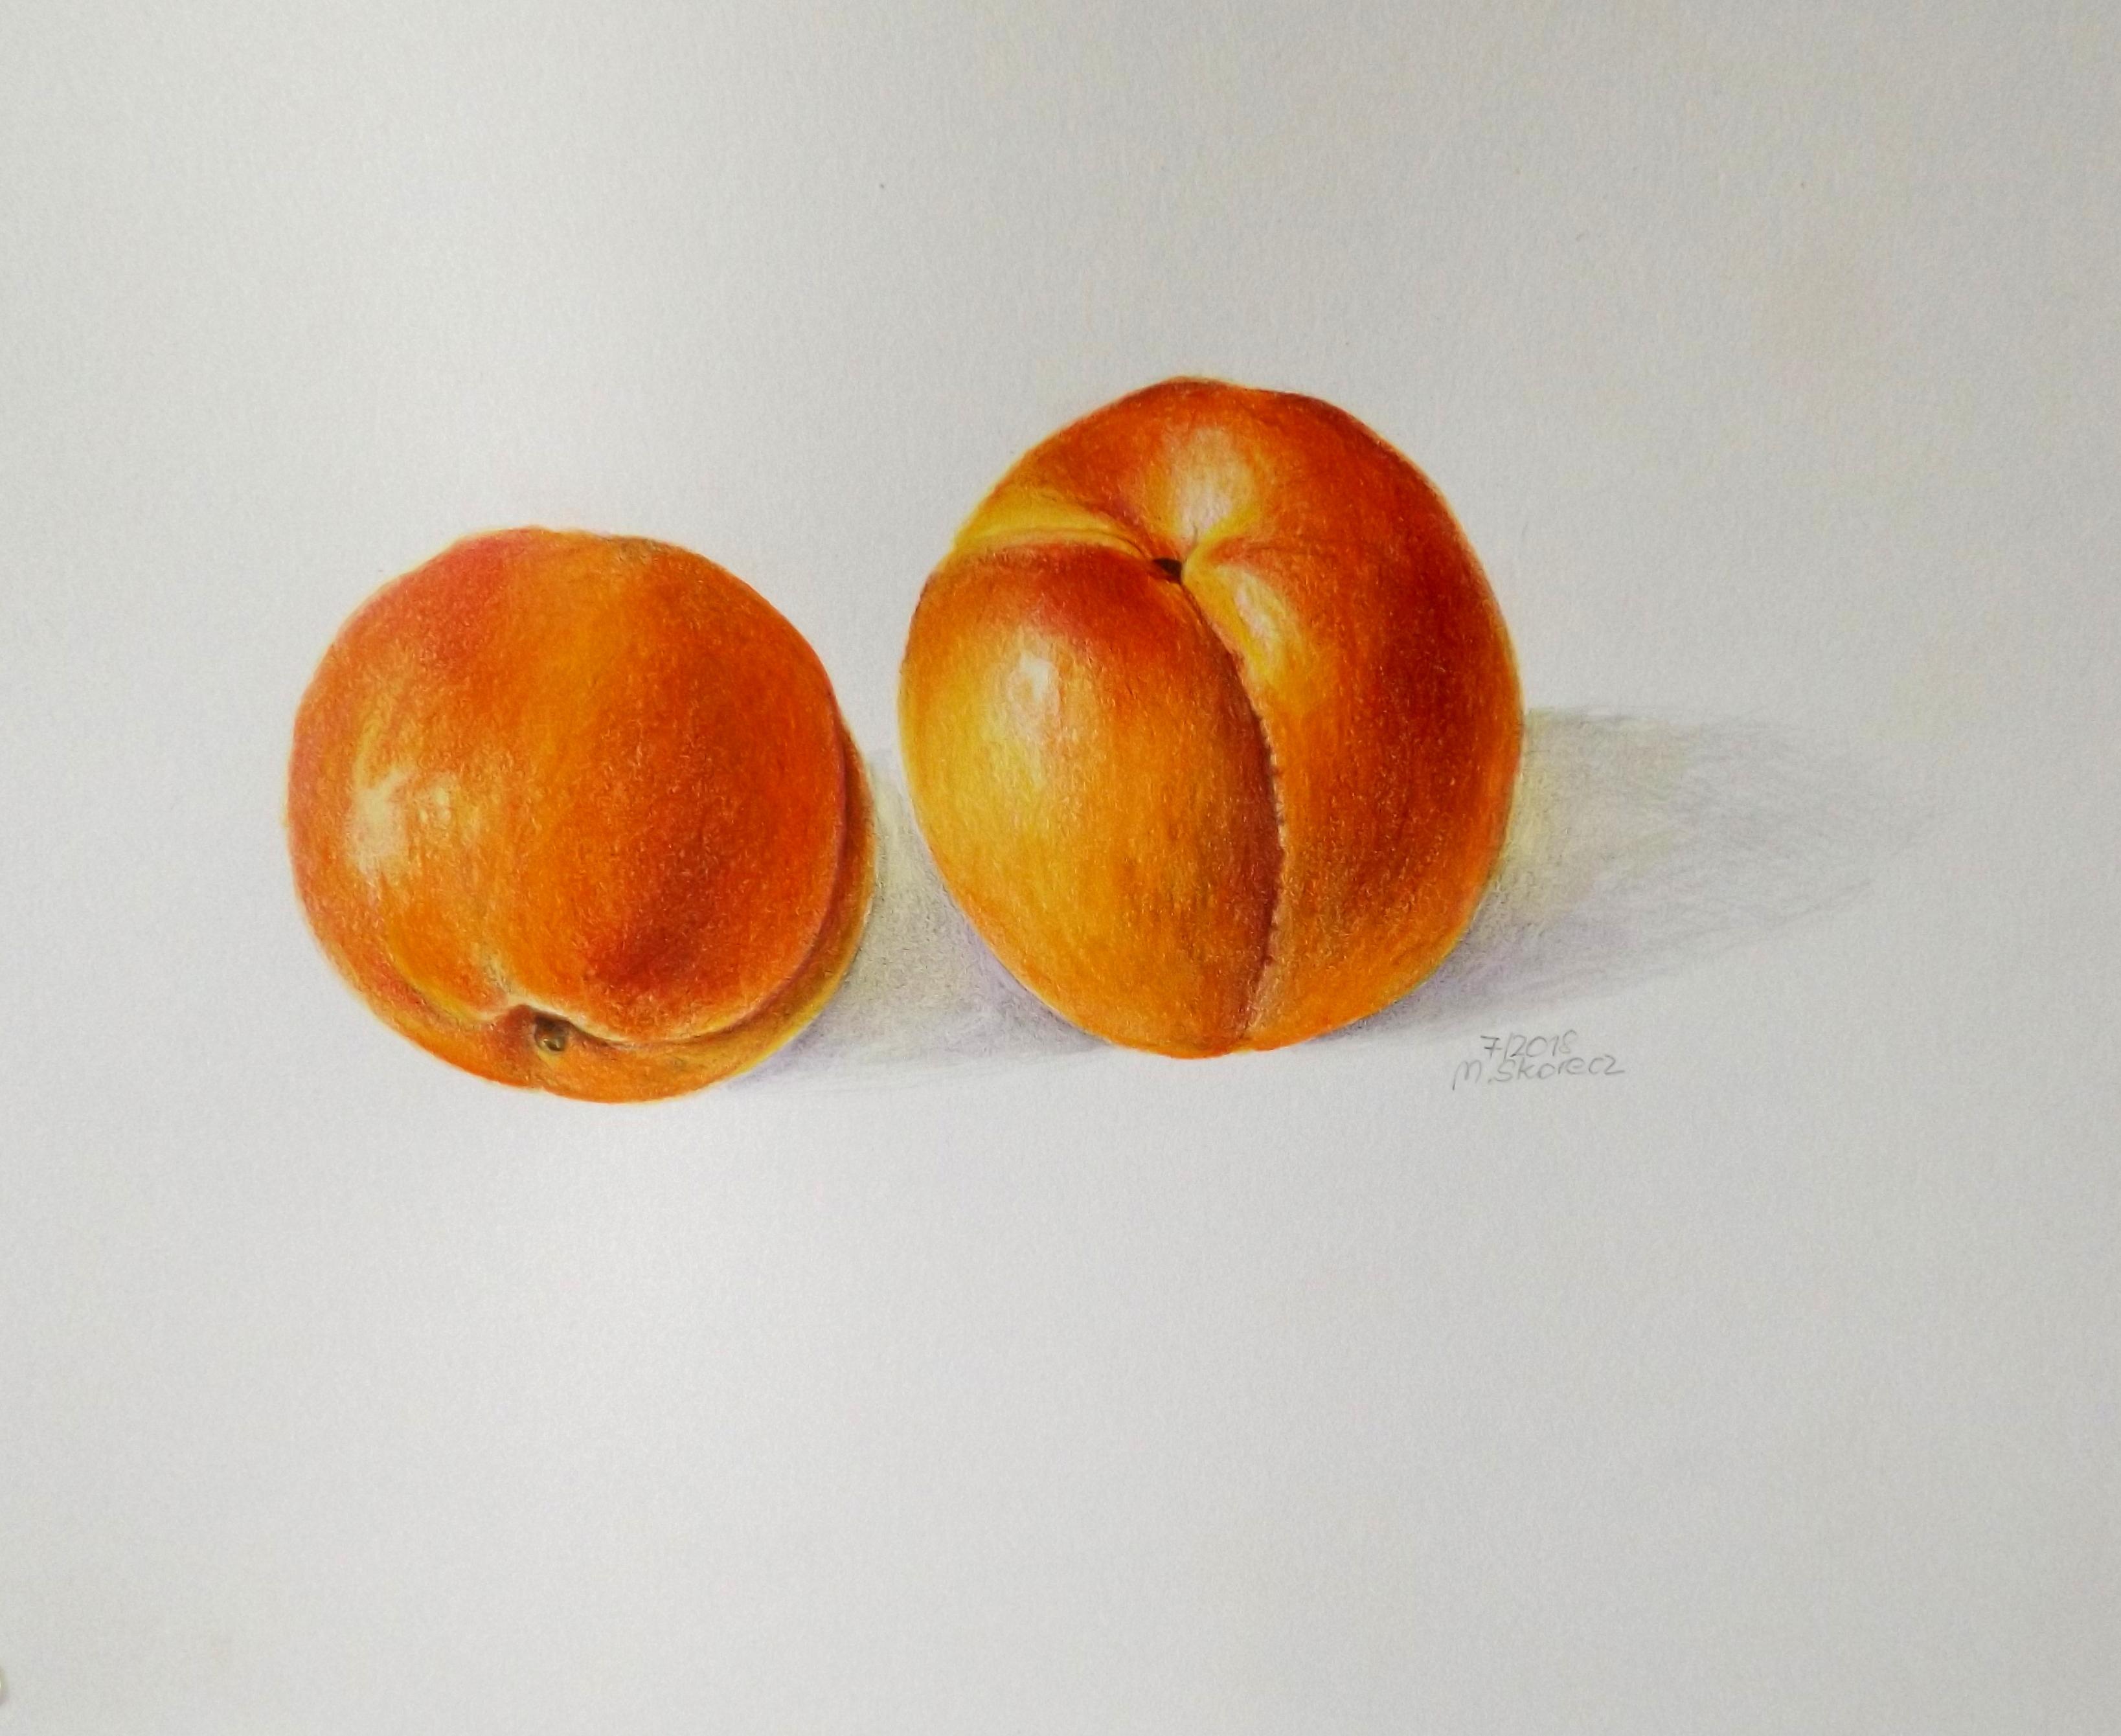 Marillen – köstliches Obst aus dem Marchfeld